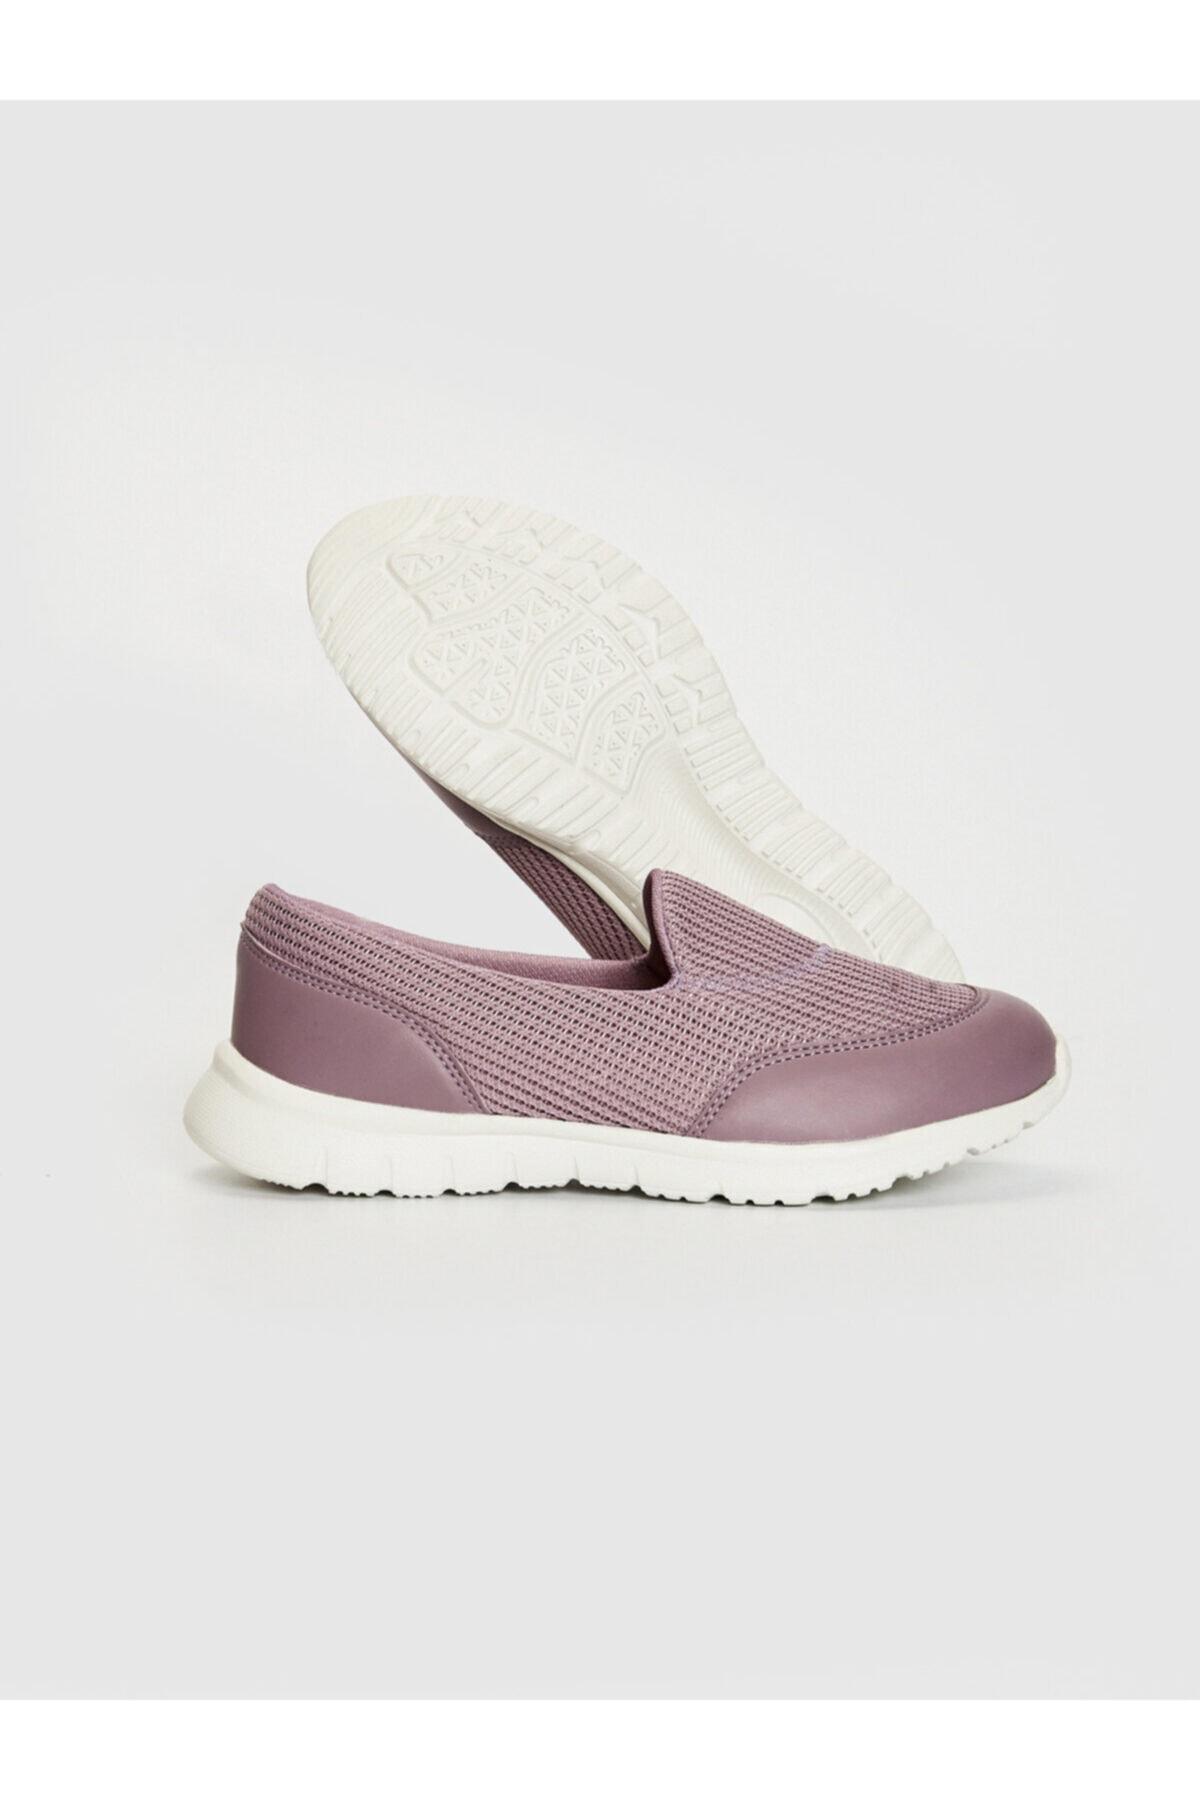 LC Waikiki Kadın Lıla Aktif Spor Ayakkabı 0S7739Z8 2